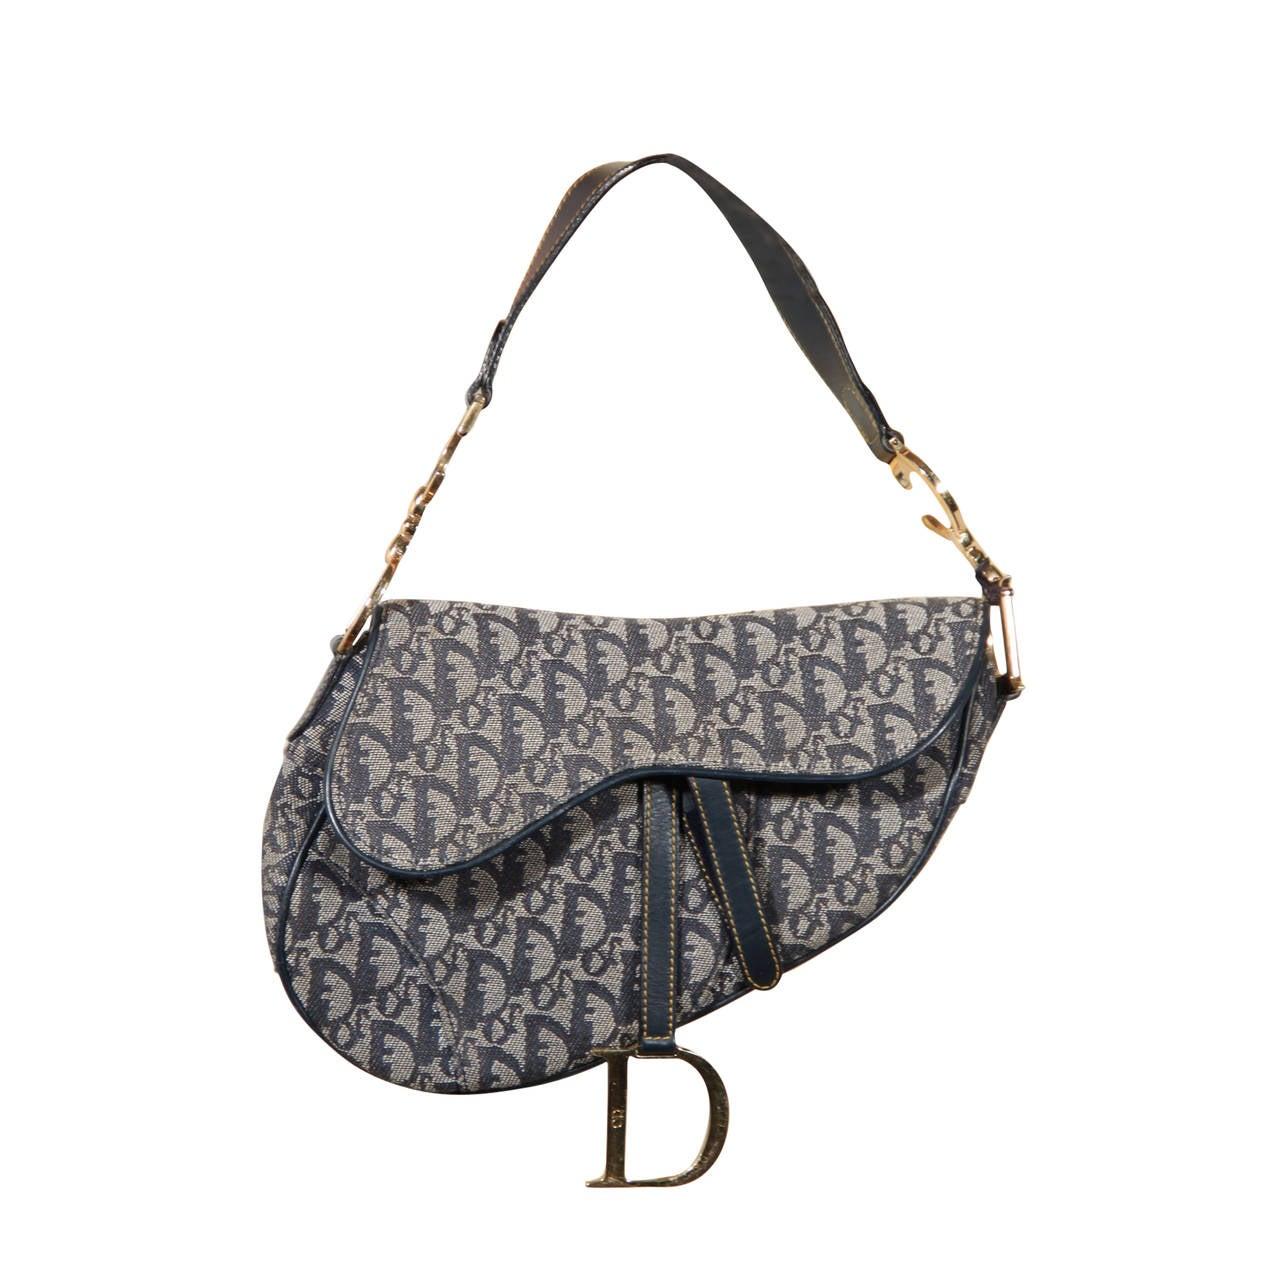 66668dcc495 CHRISTIAN DIOR Authentic Blue LOGO Canvas SADDLE BAG Shoulder Bag HANDBAG  For Sale